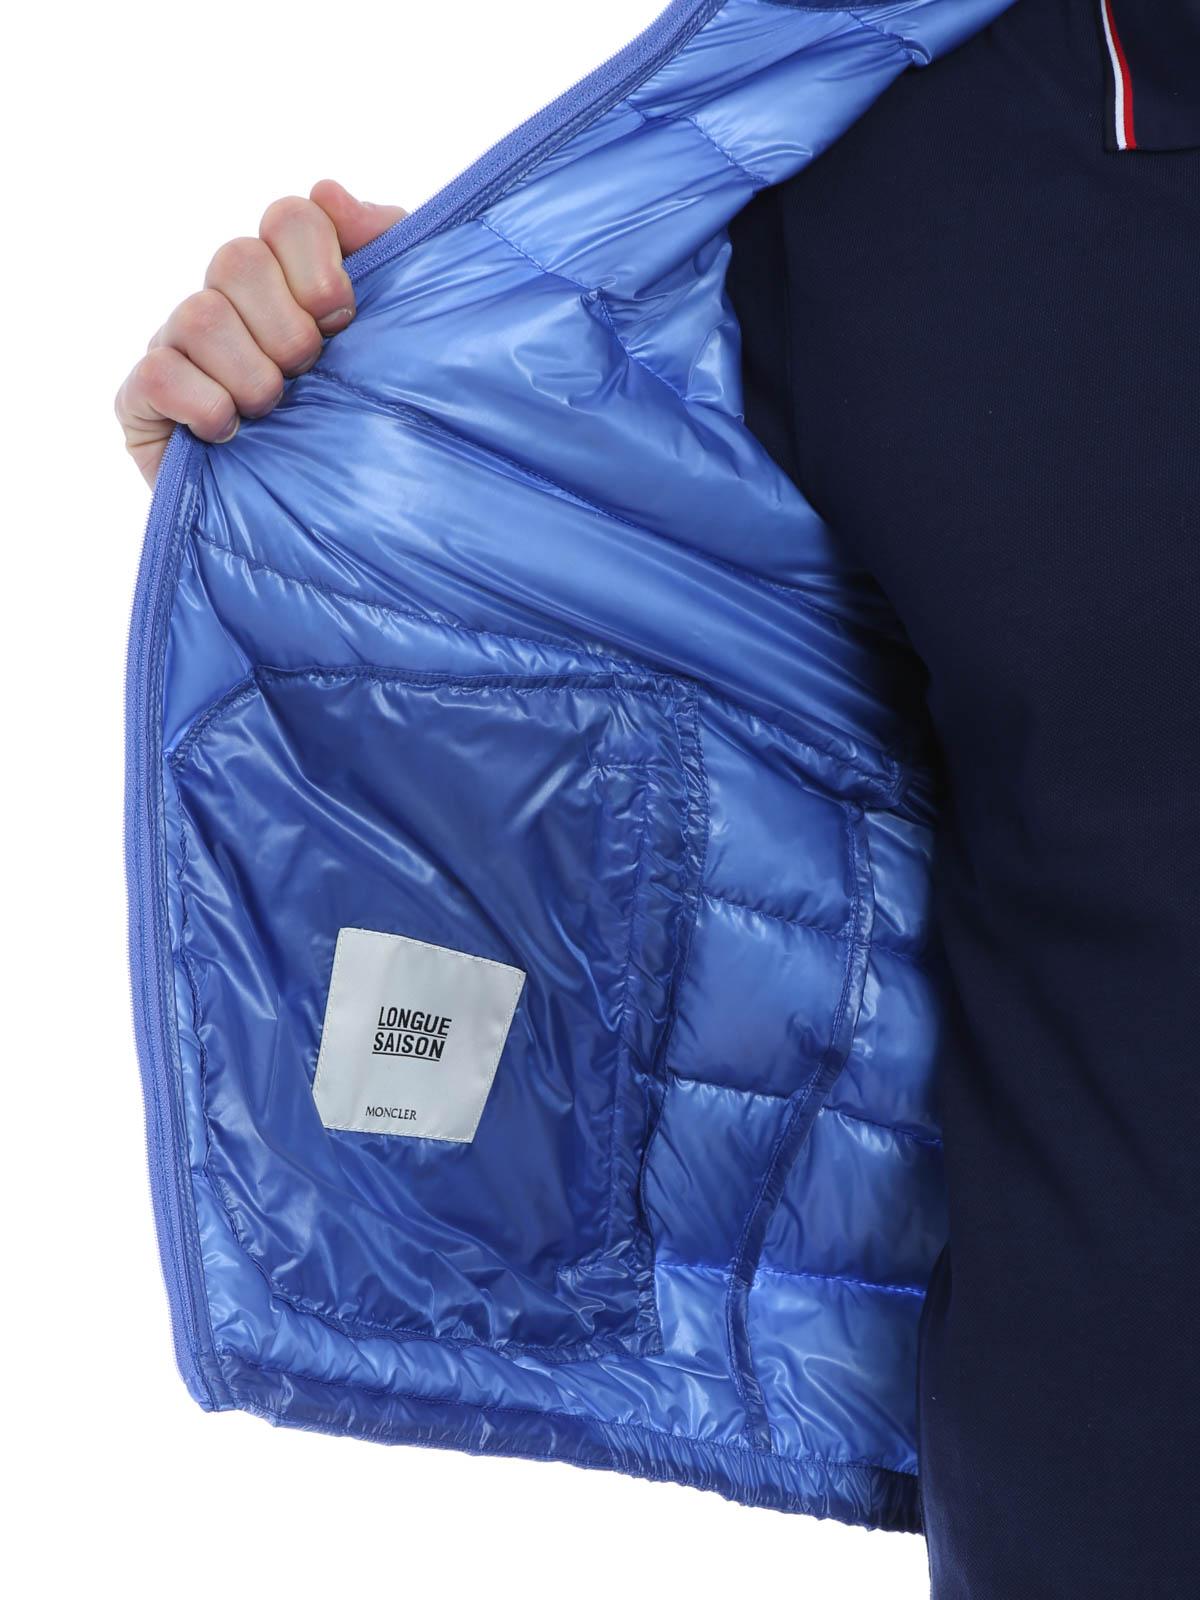 moncler jacket longue saison